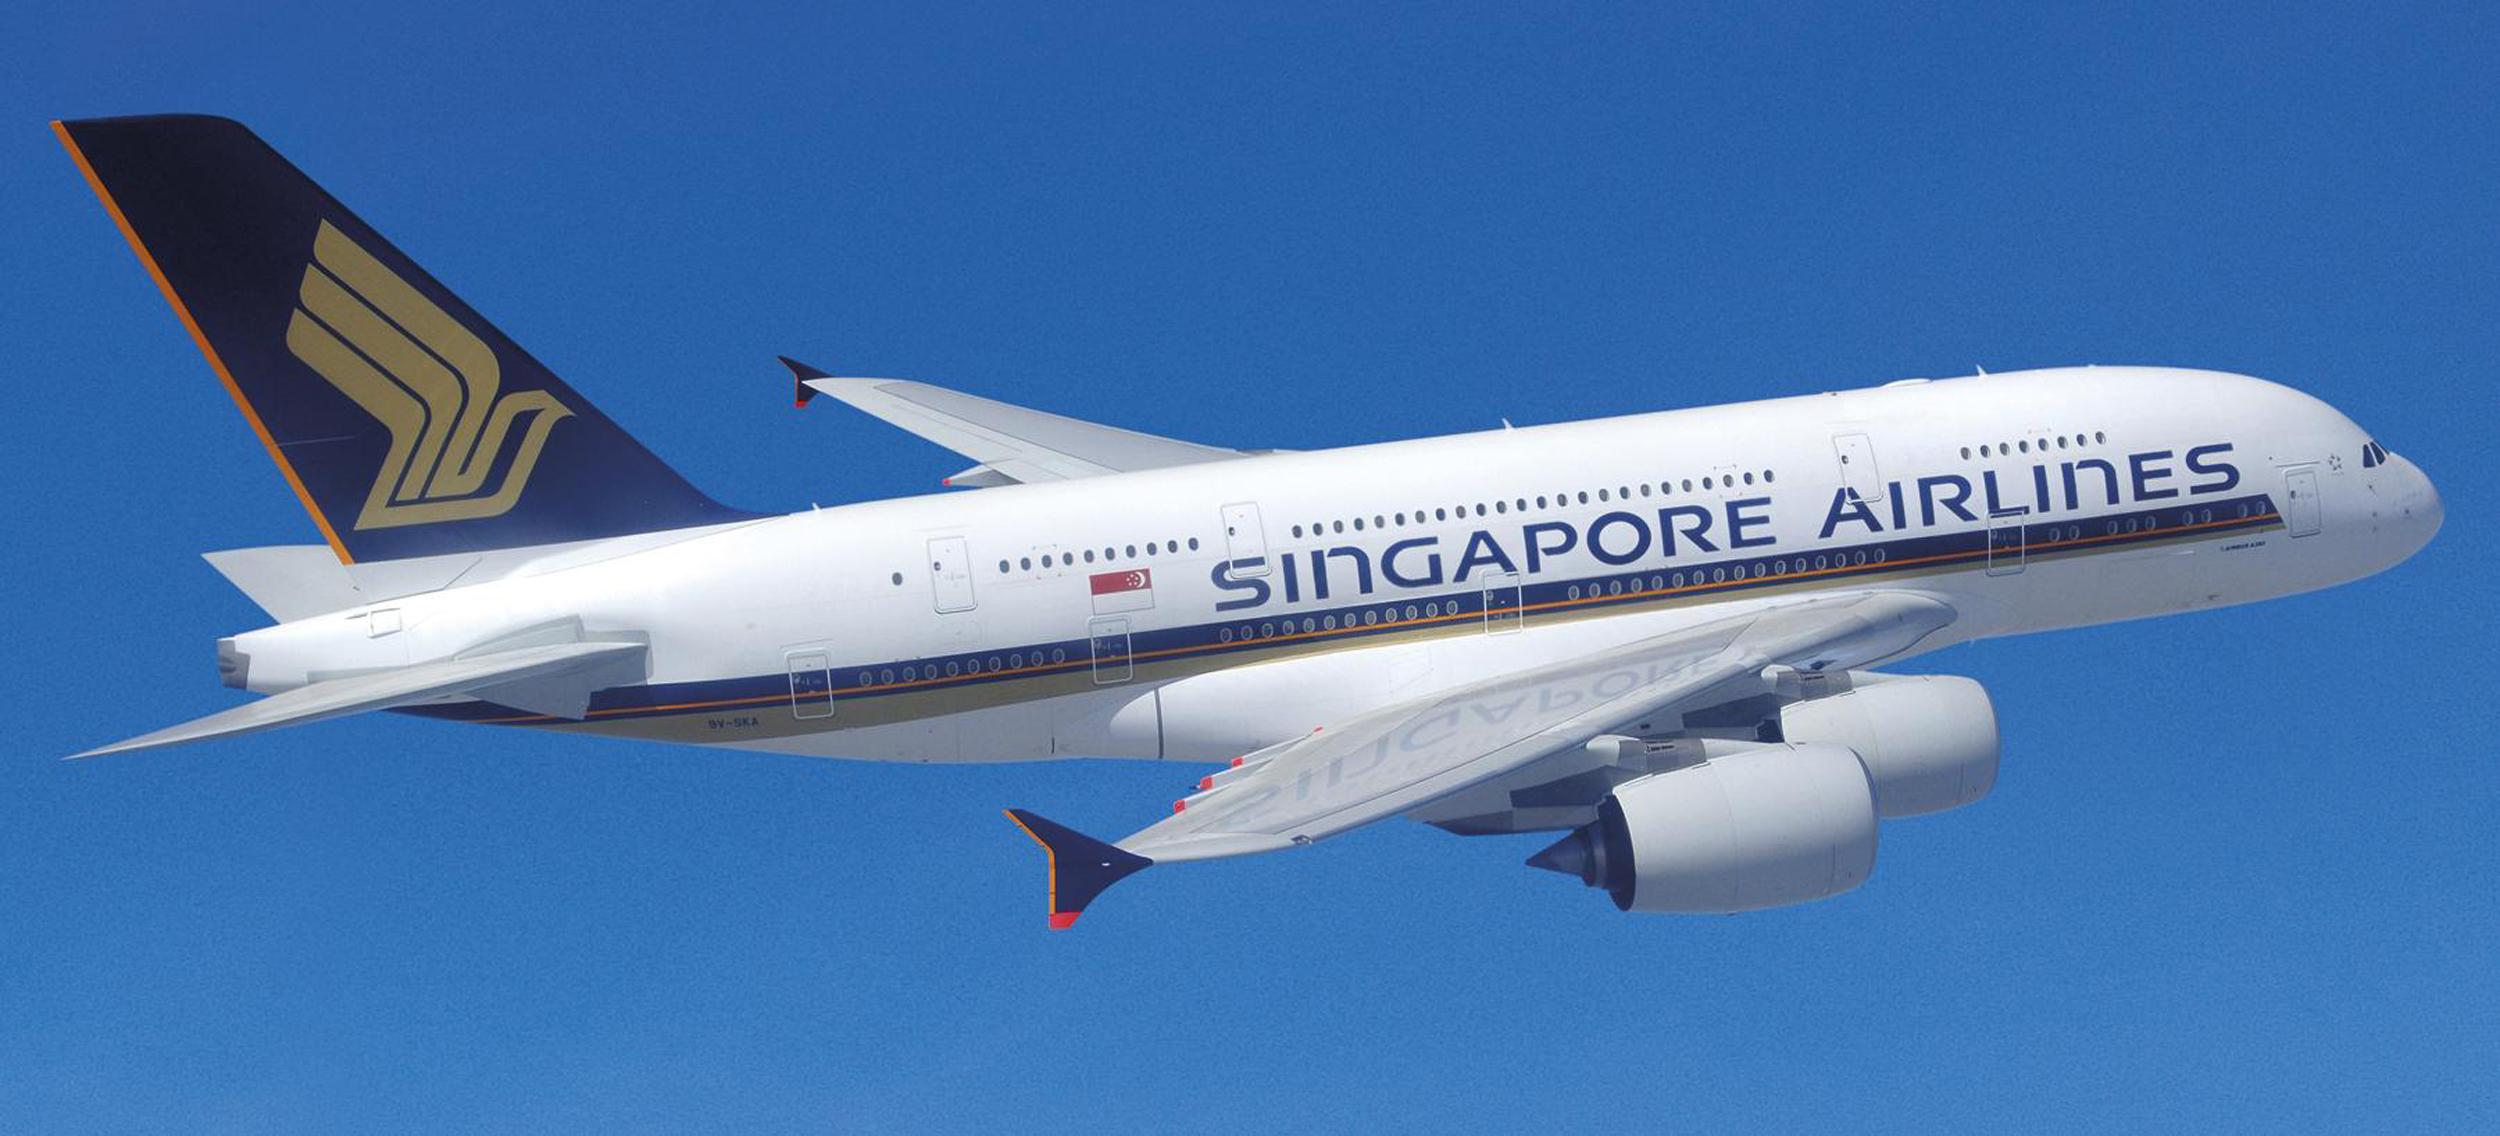 singapore airlines ou la malaisie qui s envole travelercar. Black Bedroom Furniture Sets. Home Design Ideas